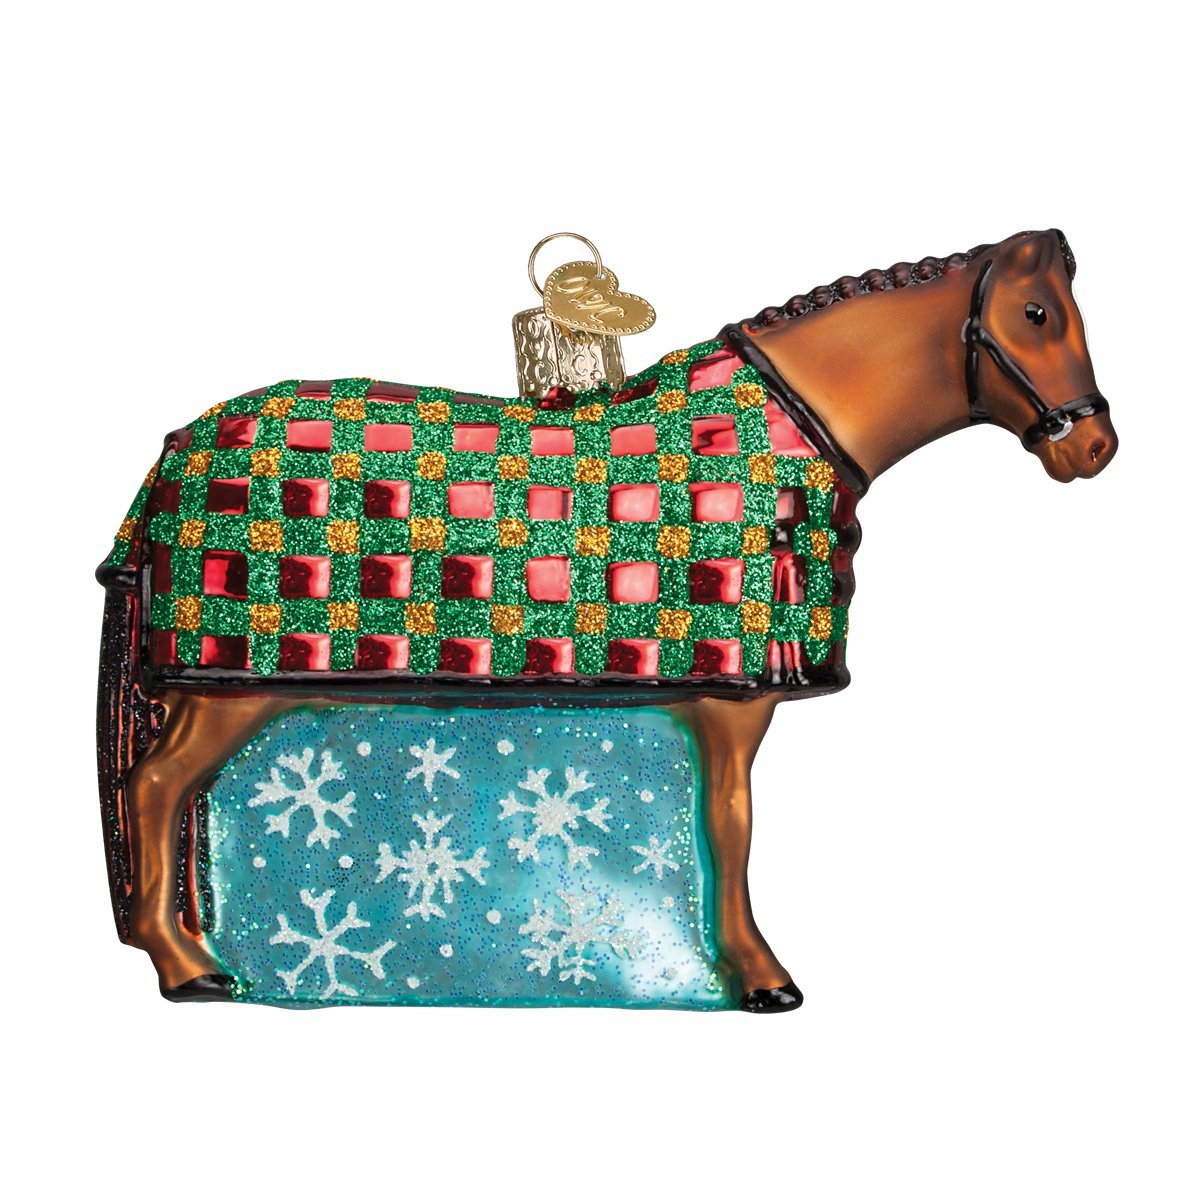 Old World Christbaumschmuck  Schneeflocke Pferd aus Glas geblasen Ornamente für Weihnachtsbaum